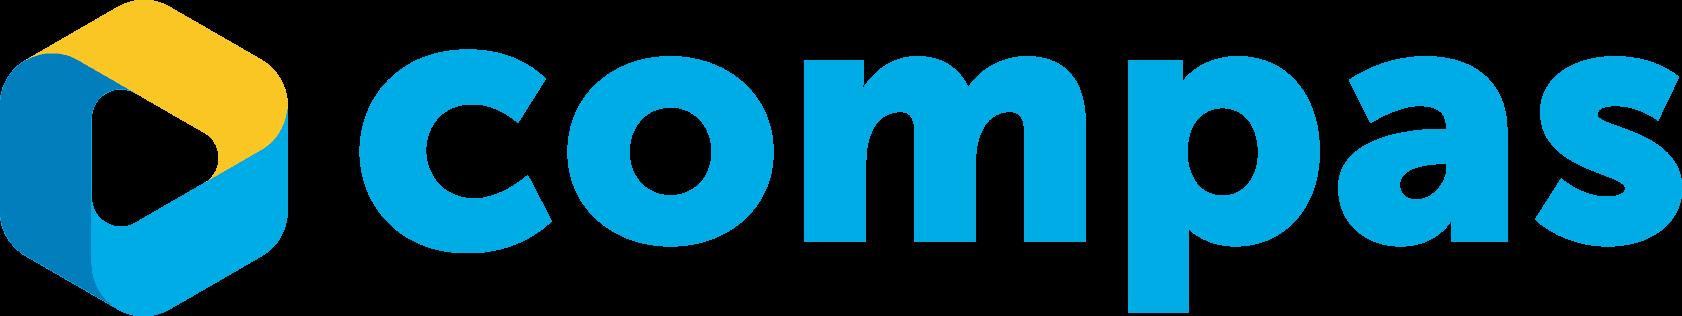 logo lecompas.fr